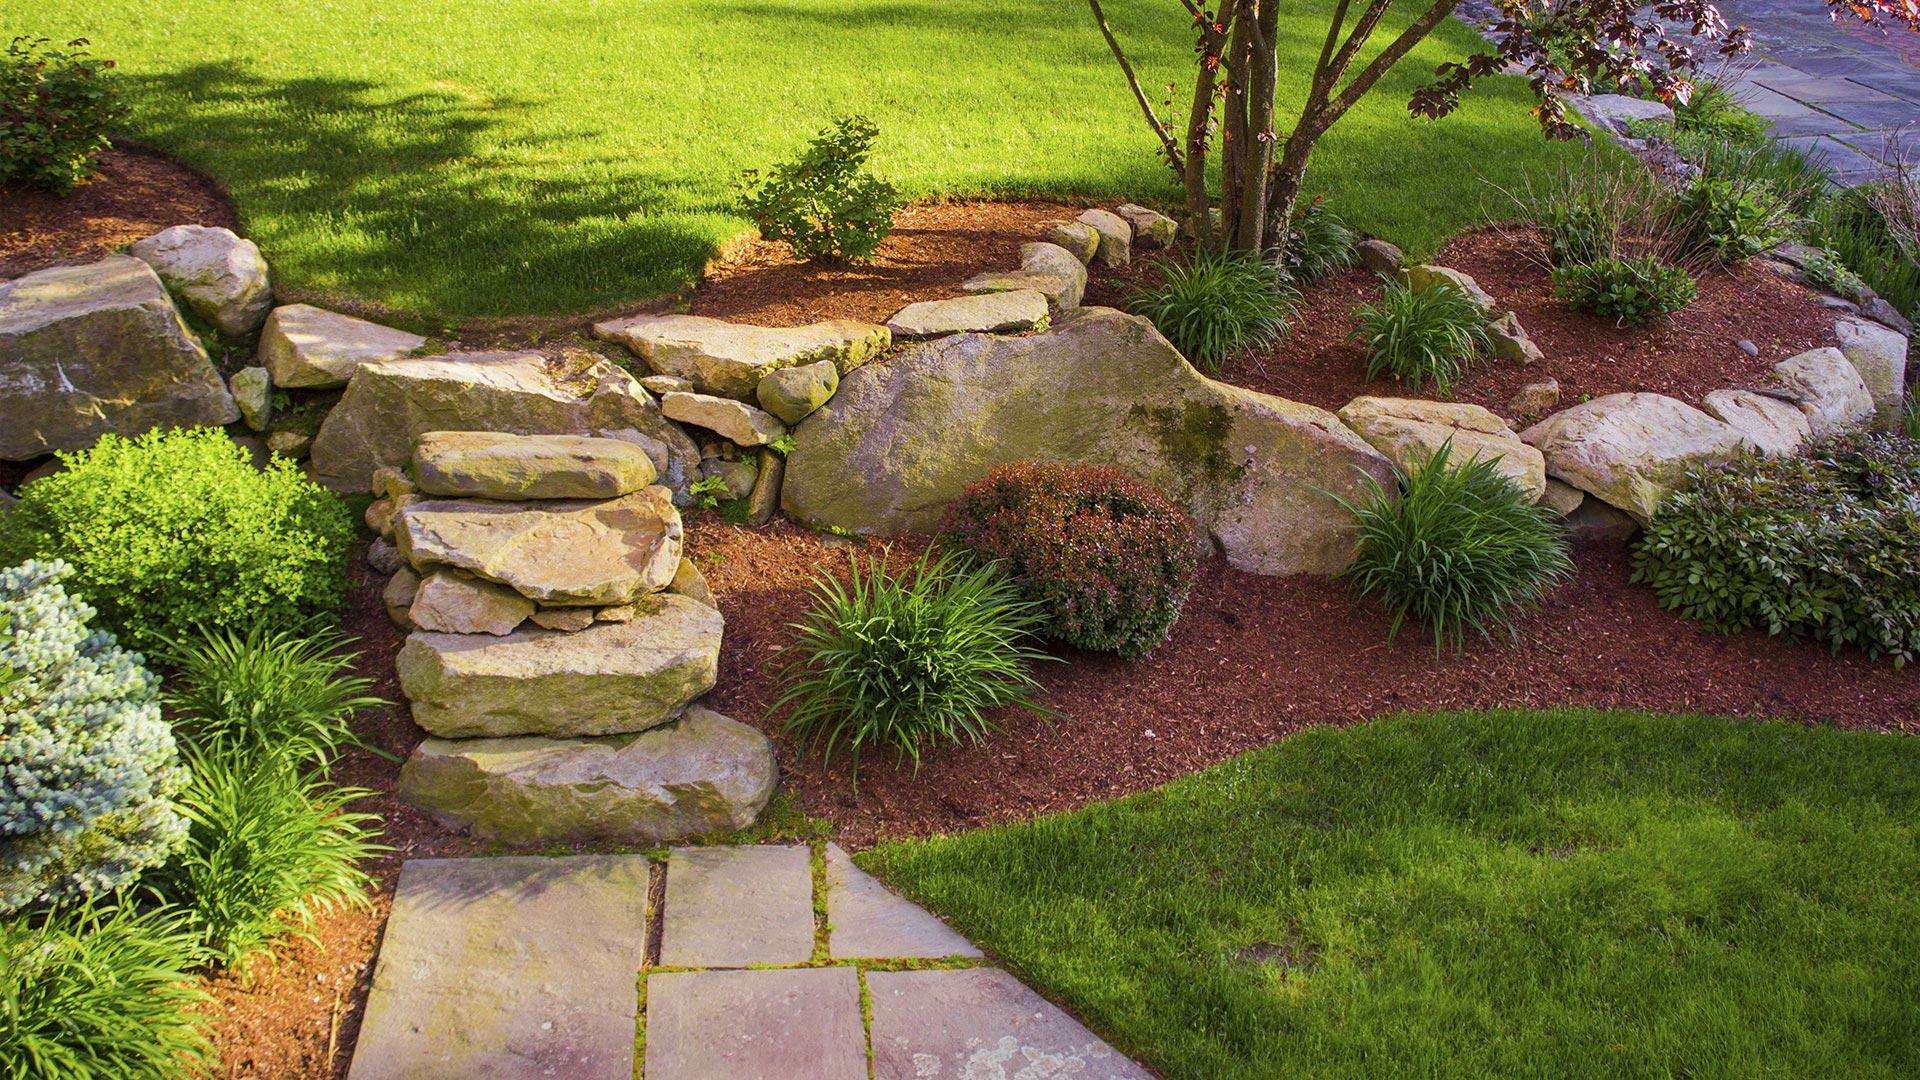 Da Vinci Landscape Design LLC Landscape Design, Pavers and Landscaping slide 3